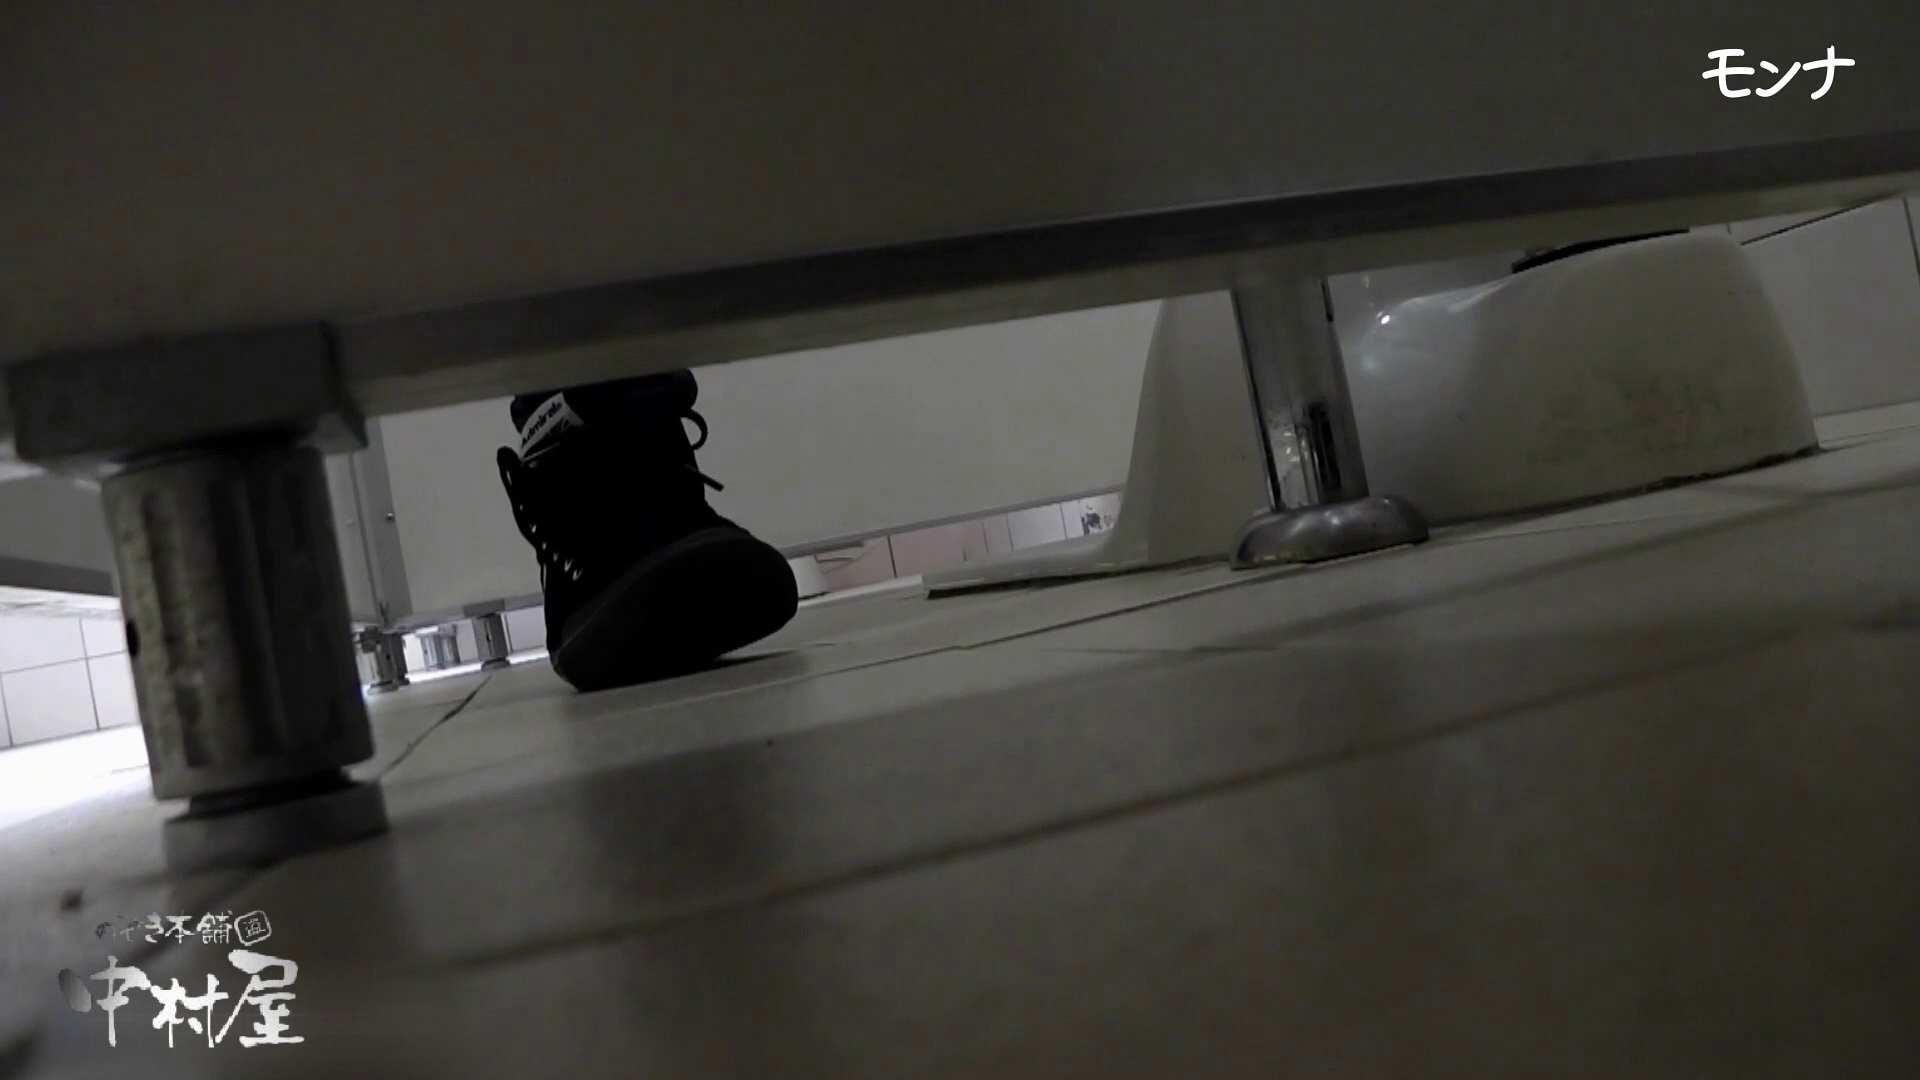 【美しい日本の未来】美しい日本の未来 No.70 若さゆえの美しい丸み 無修正マンコ オマンコ無修正動画無料 81連発 58